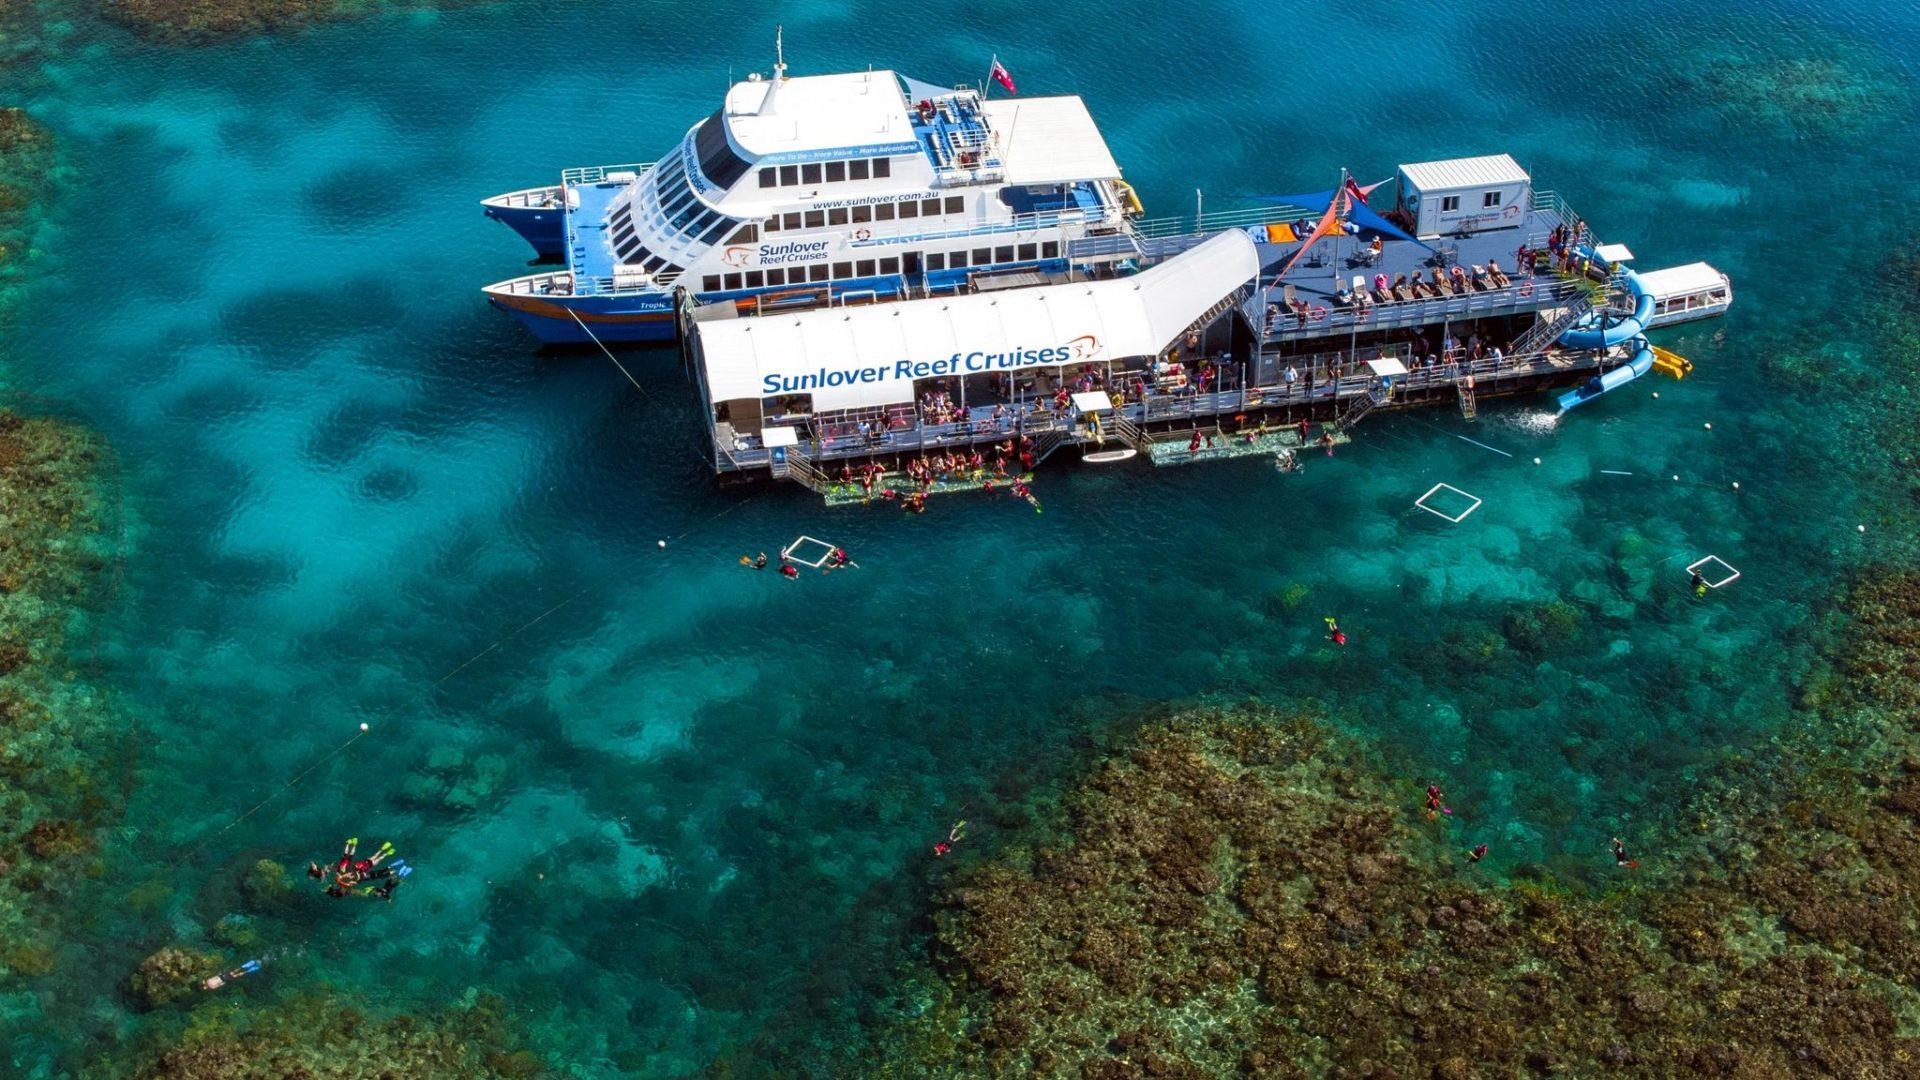 Moore Reef Cruises